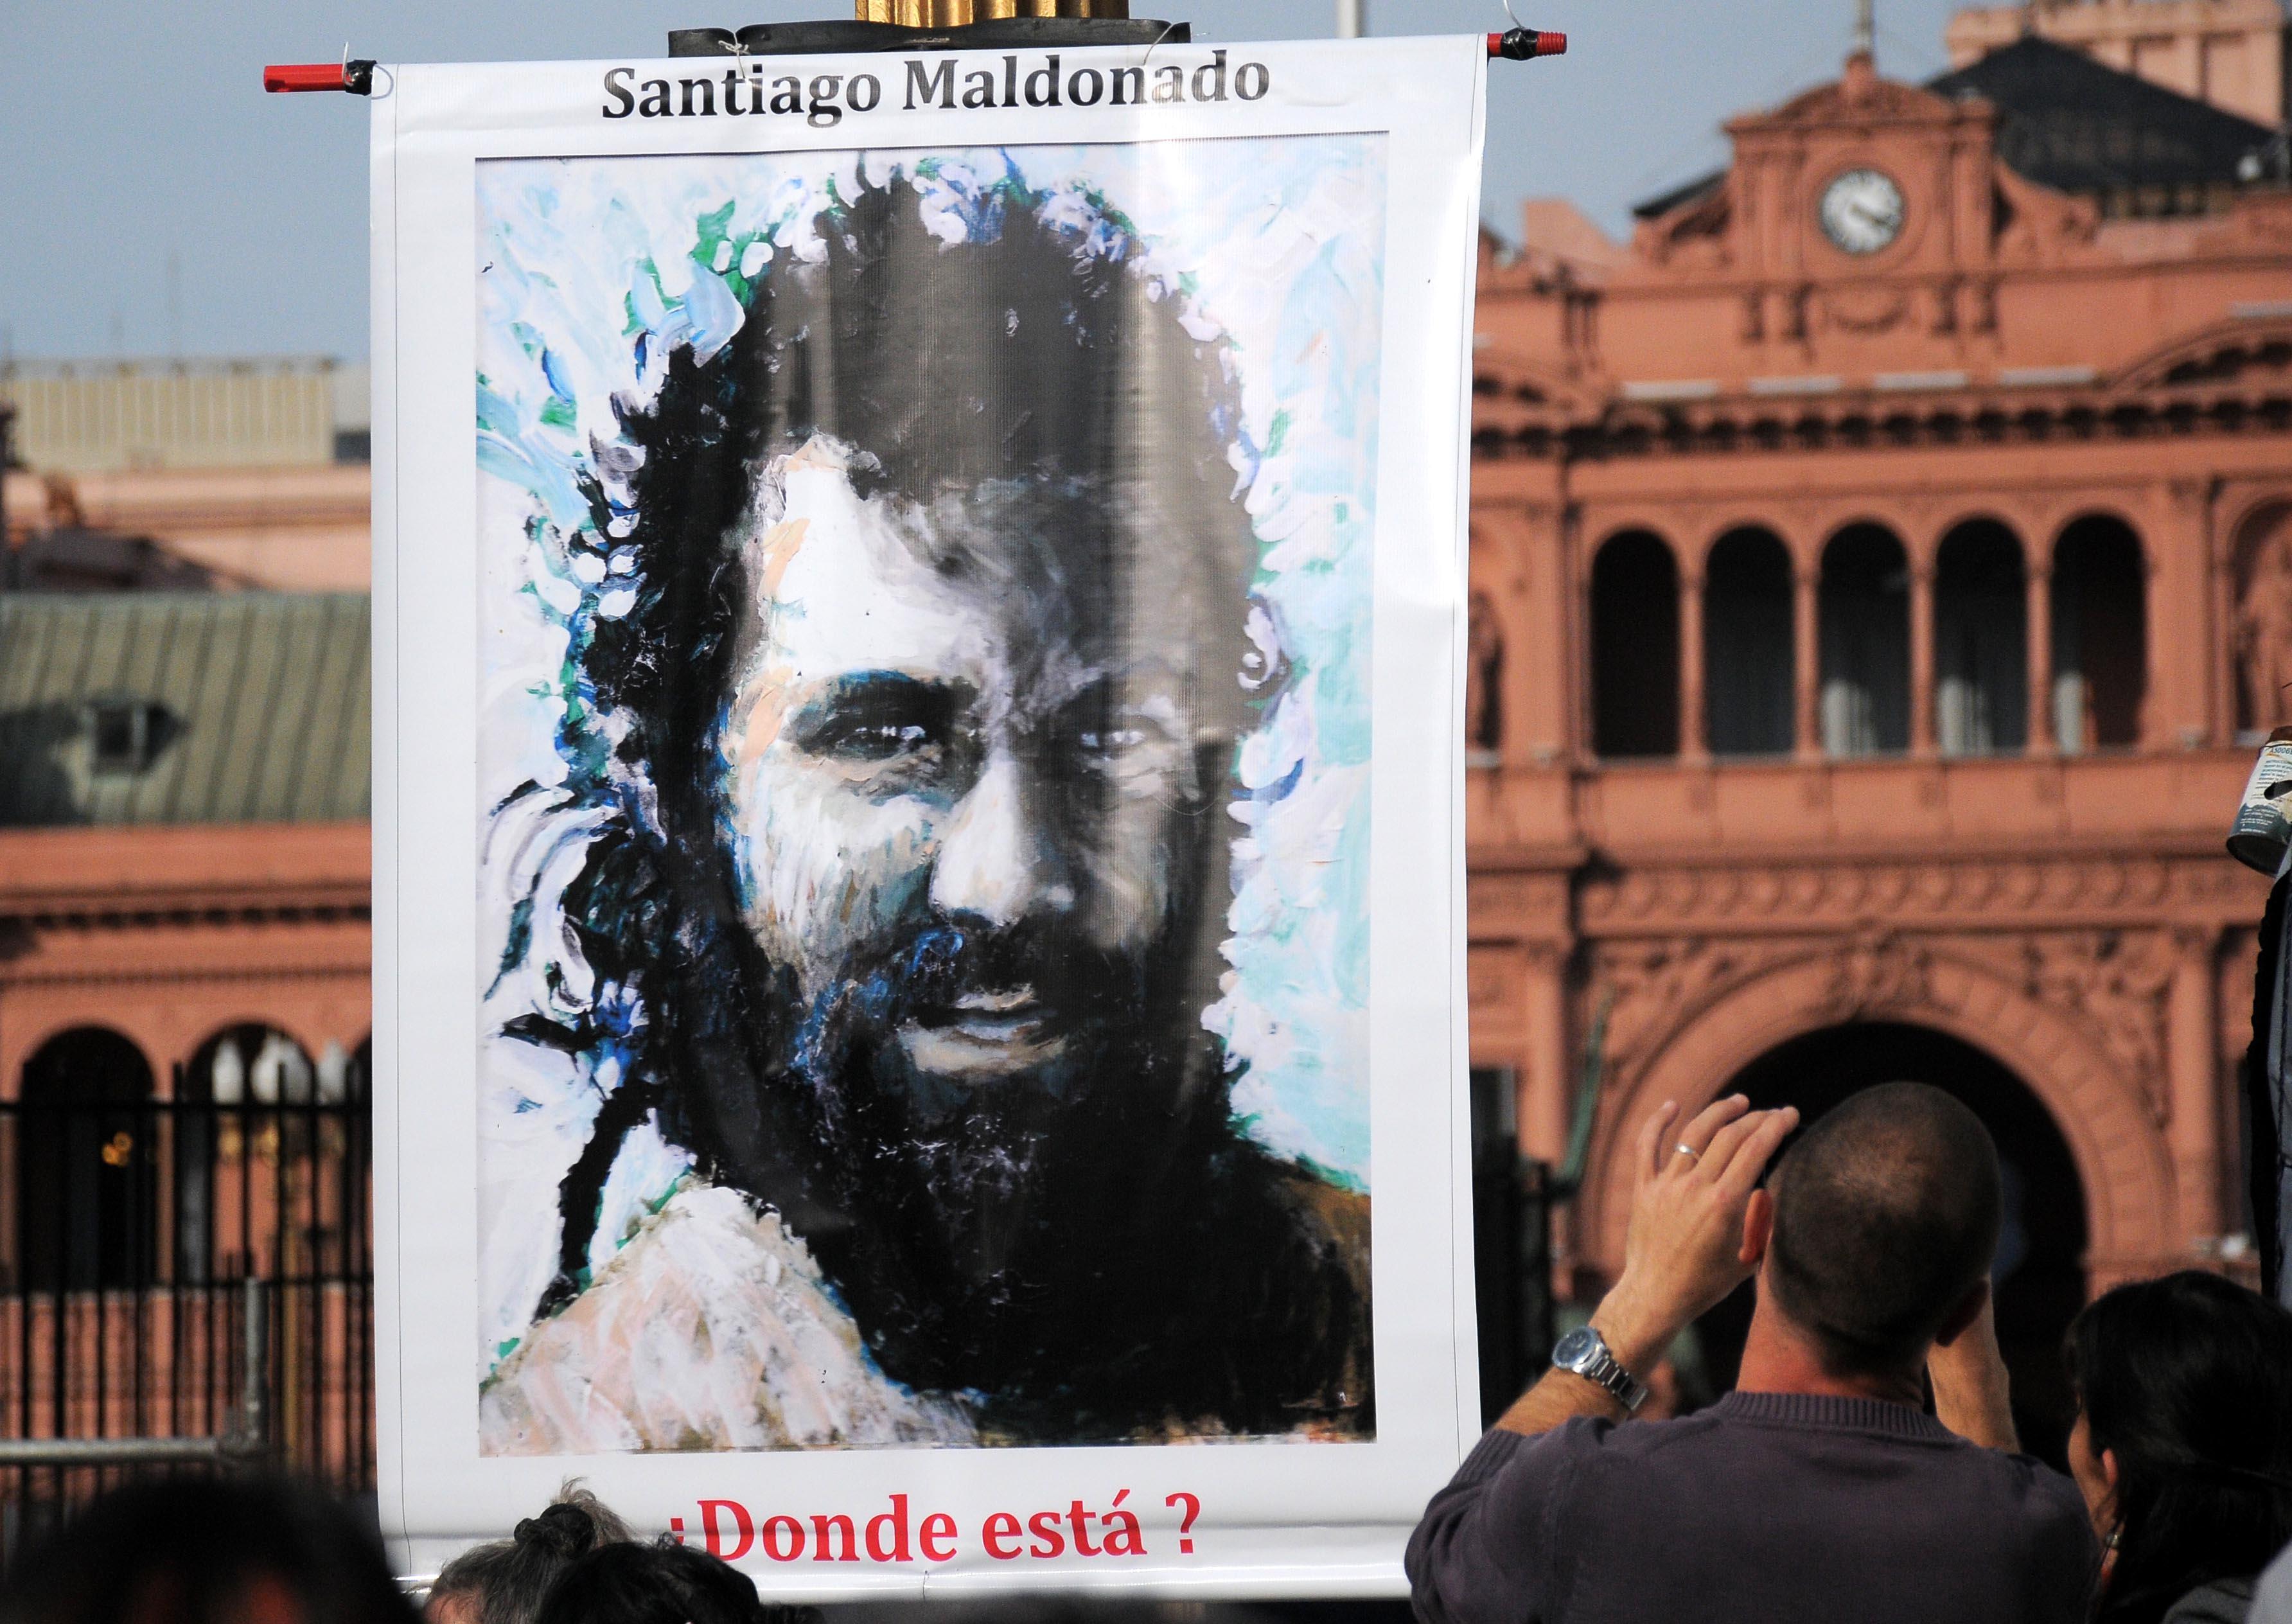 Organizaciones sociales y familiares de Santiago Maldonado, el joven desaparecido hace un mes, reclamaron su aparición con vida durante la marcha en Plaza de Mayo.